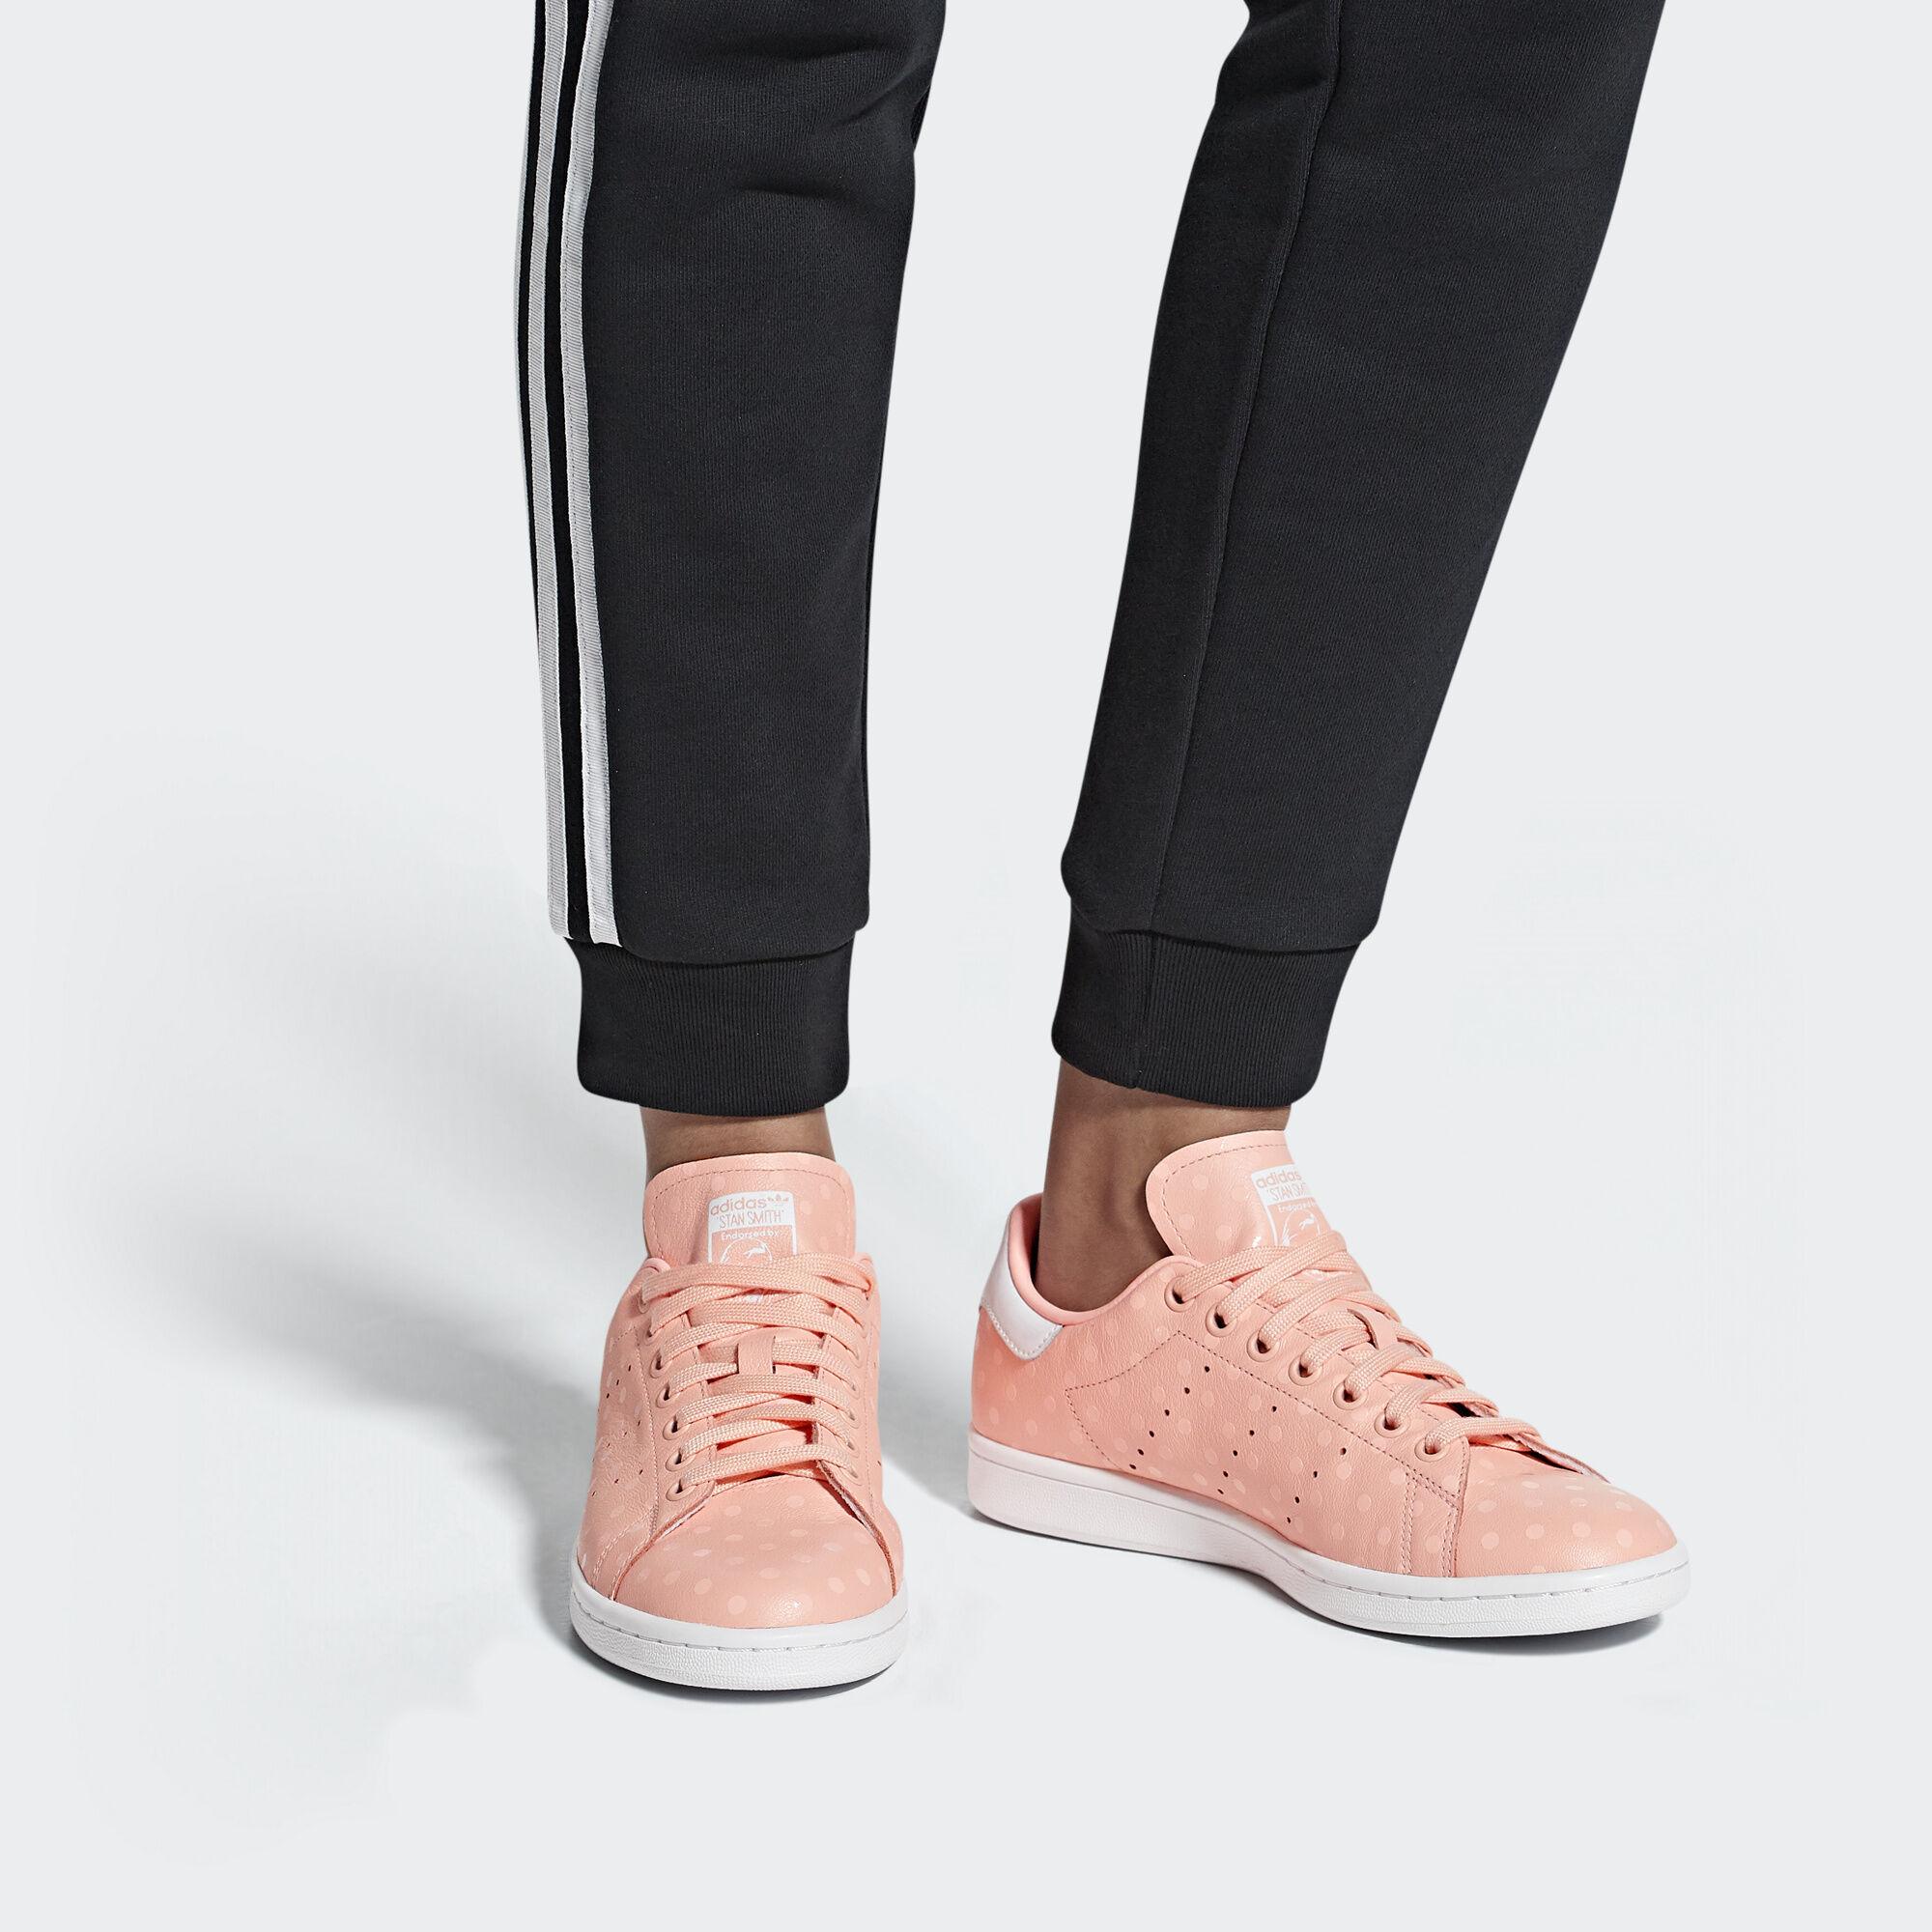 adidas Sapatos Stan Smith - Rosa  37e9863d17e09